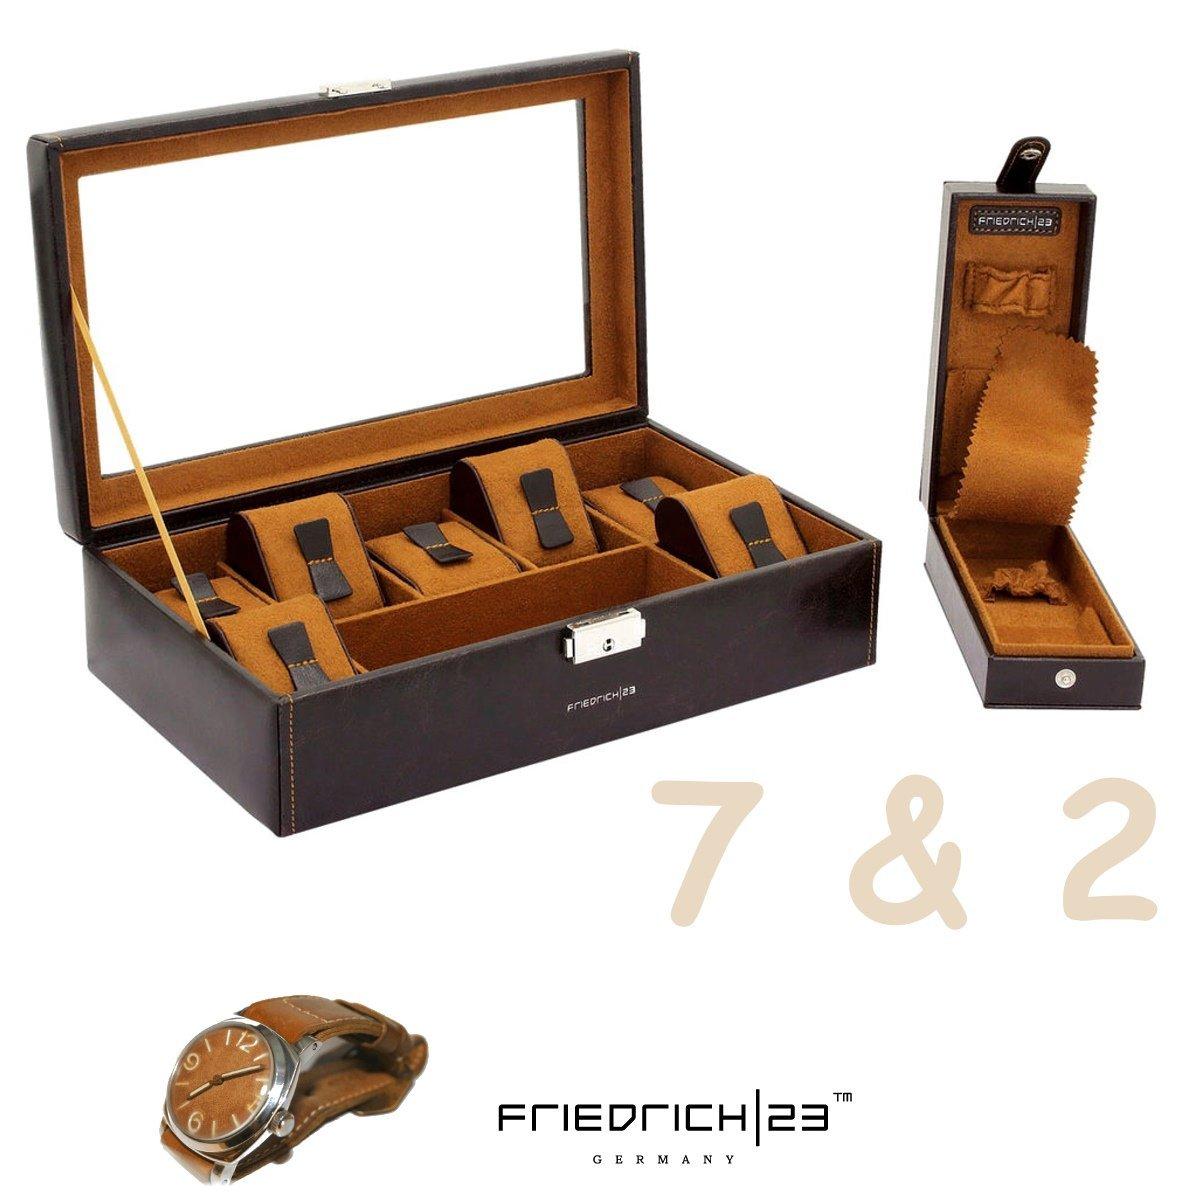 Uhrenkasten Friedrich|23 BOND VIEWS 7 Plus 2